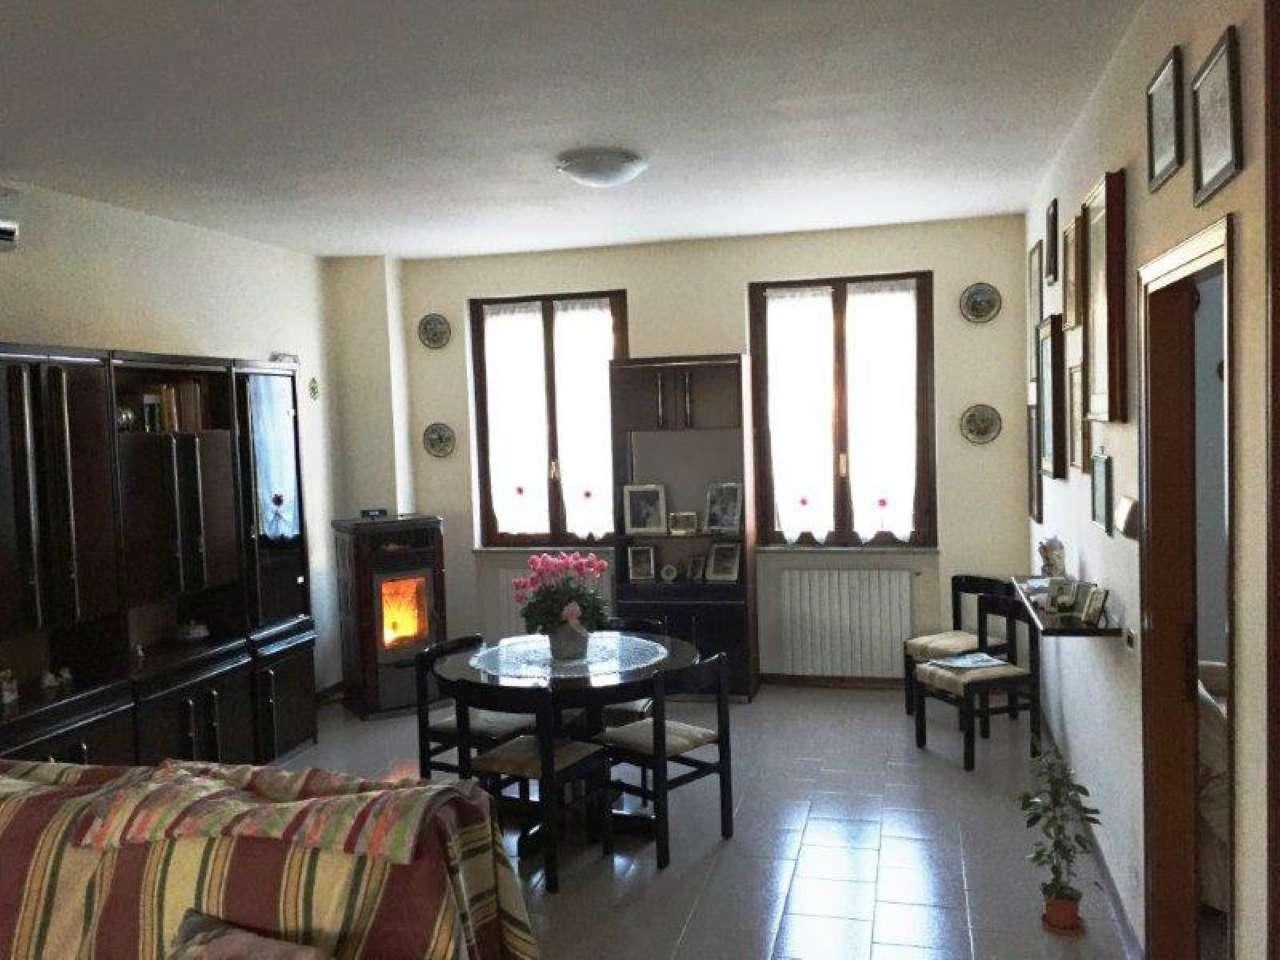 Rustico / Casale in vendita a Capergnanica, 5 locali, prezzo € 250.000 | CambioCasa.it